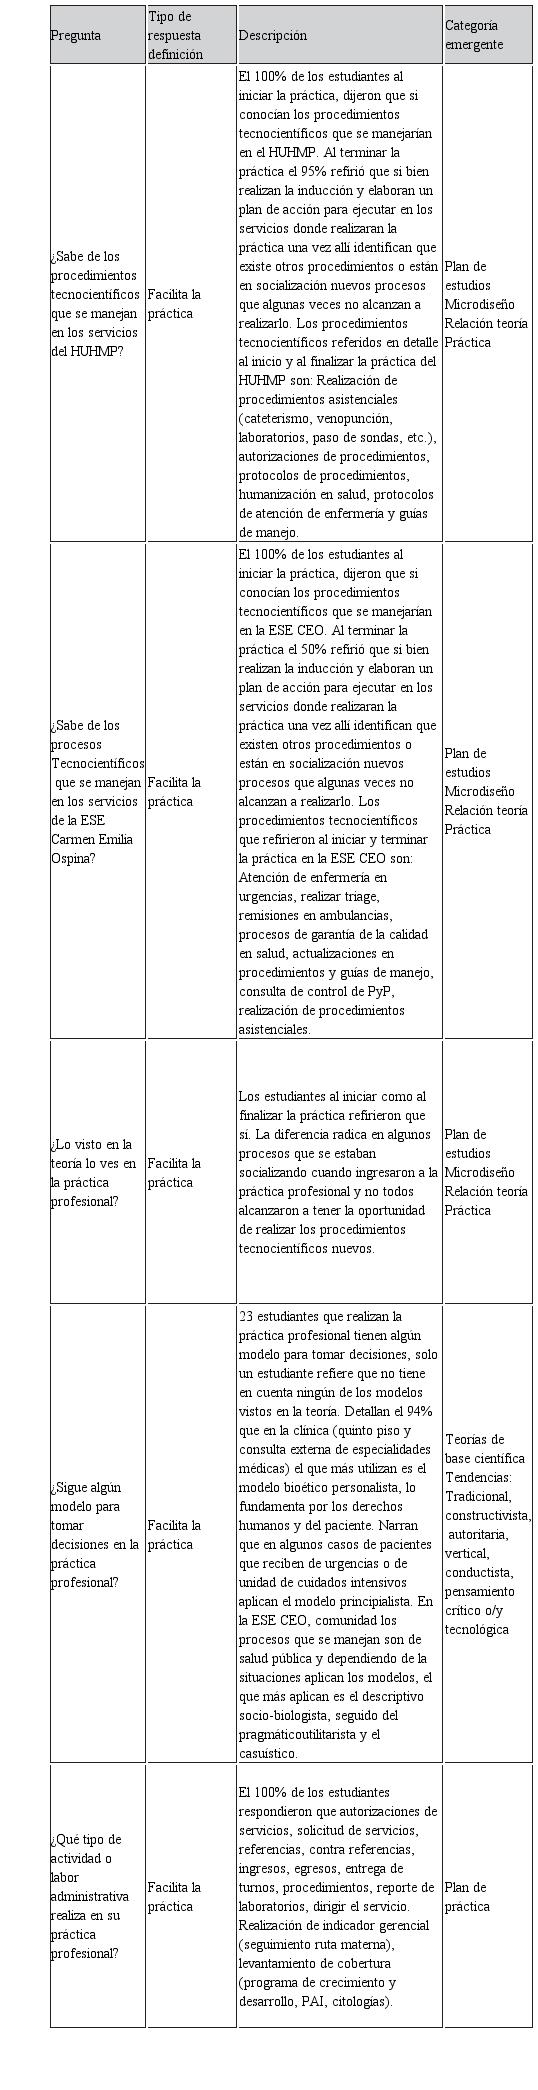 Visor Redalyc - Dilemas bioéticos de los estudiantes de enfermrería ...